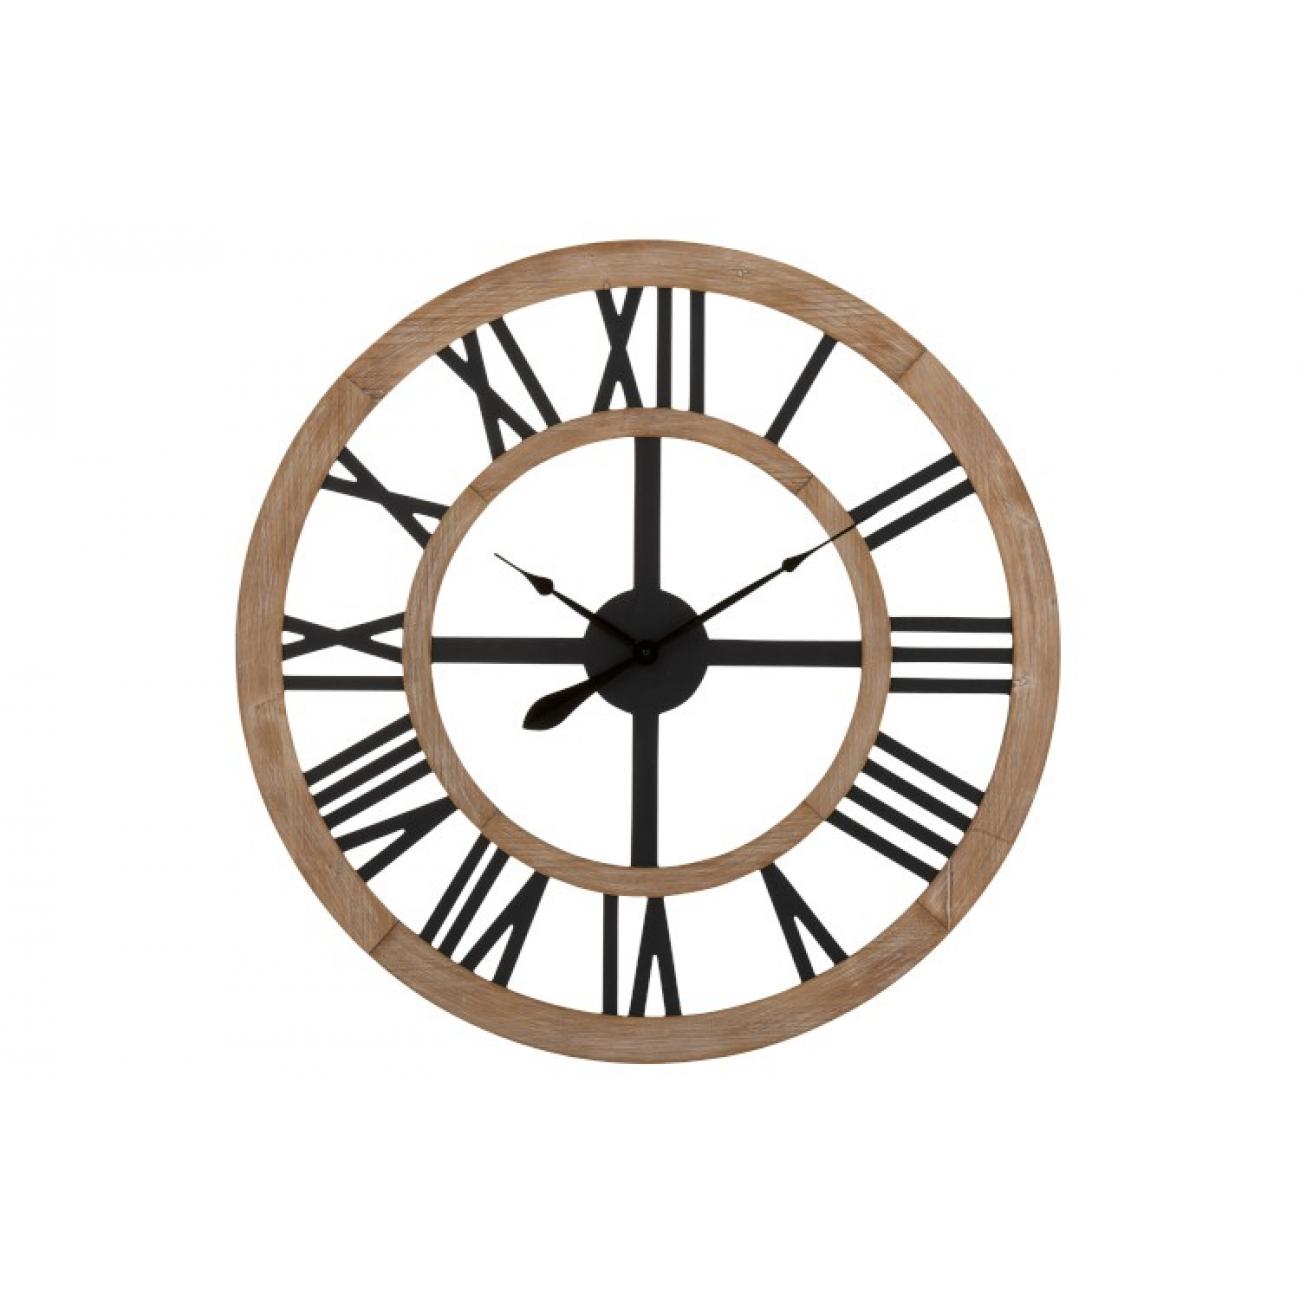 Настенные часы J-LINE круглые в деревянном корпусе с римскими цифрами диаметр 90 см